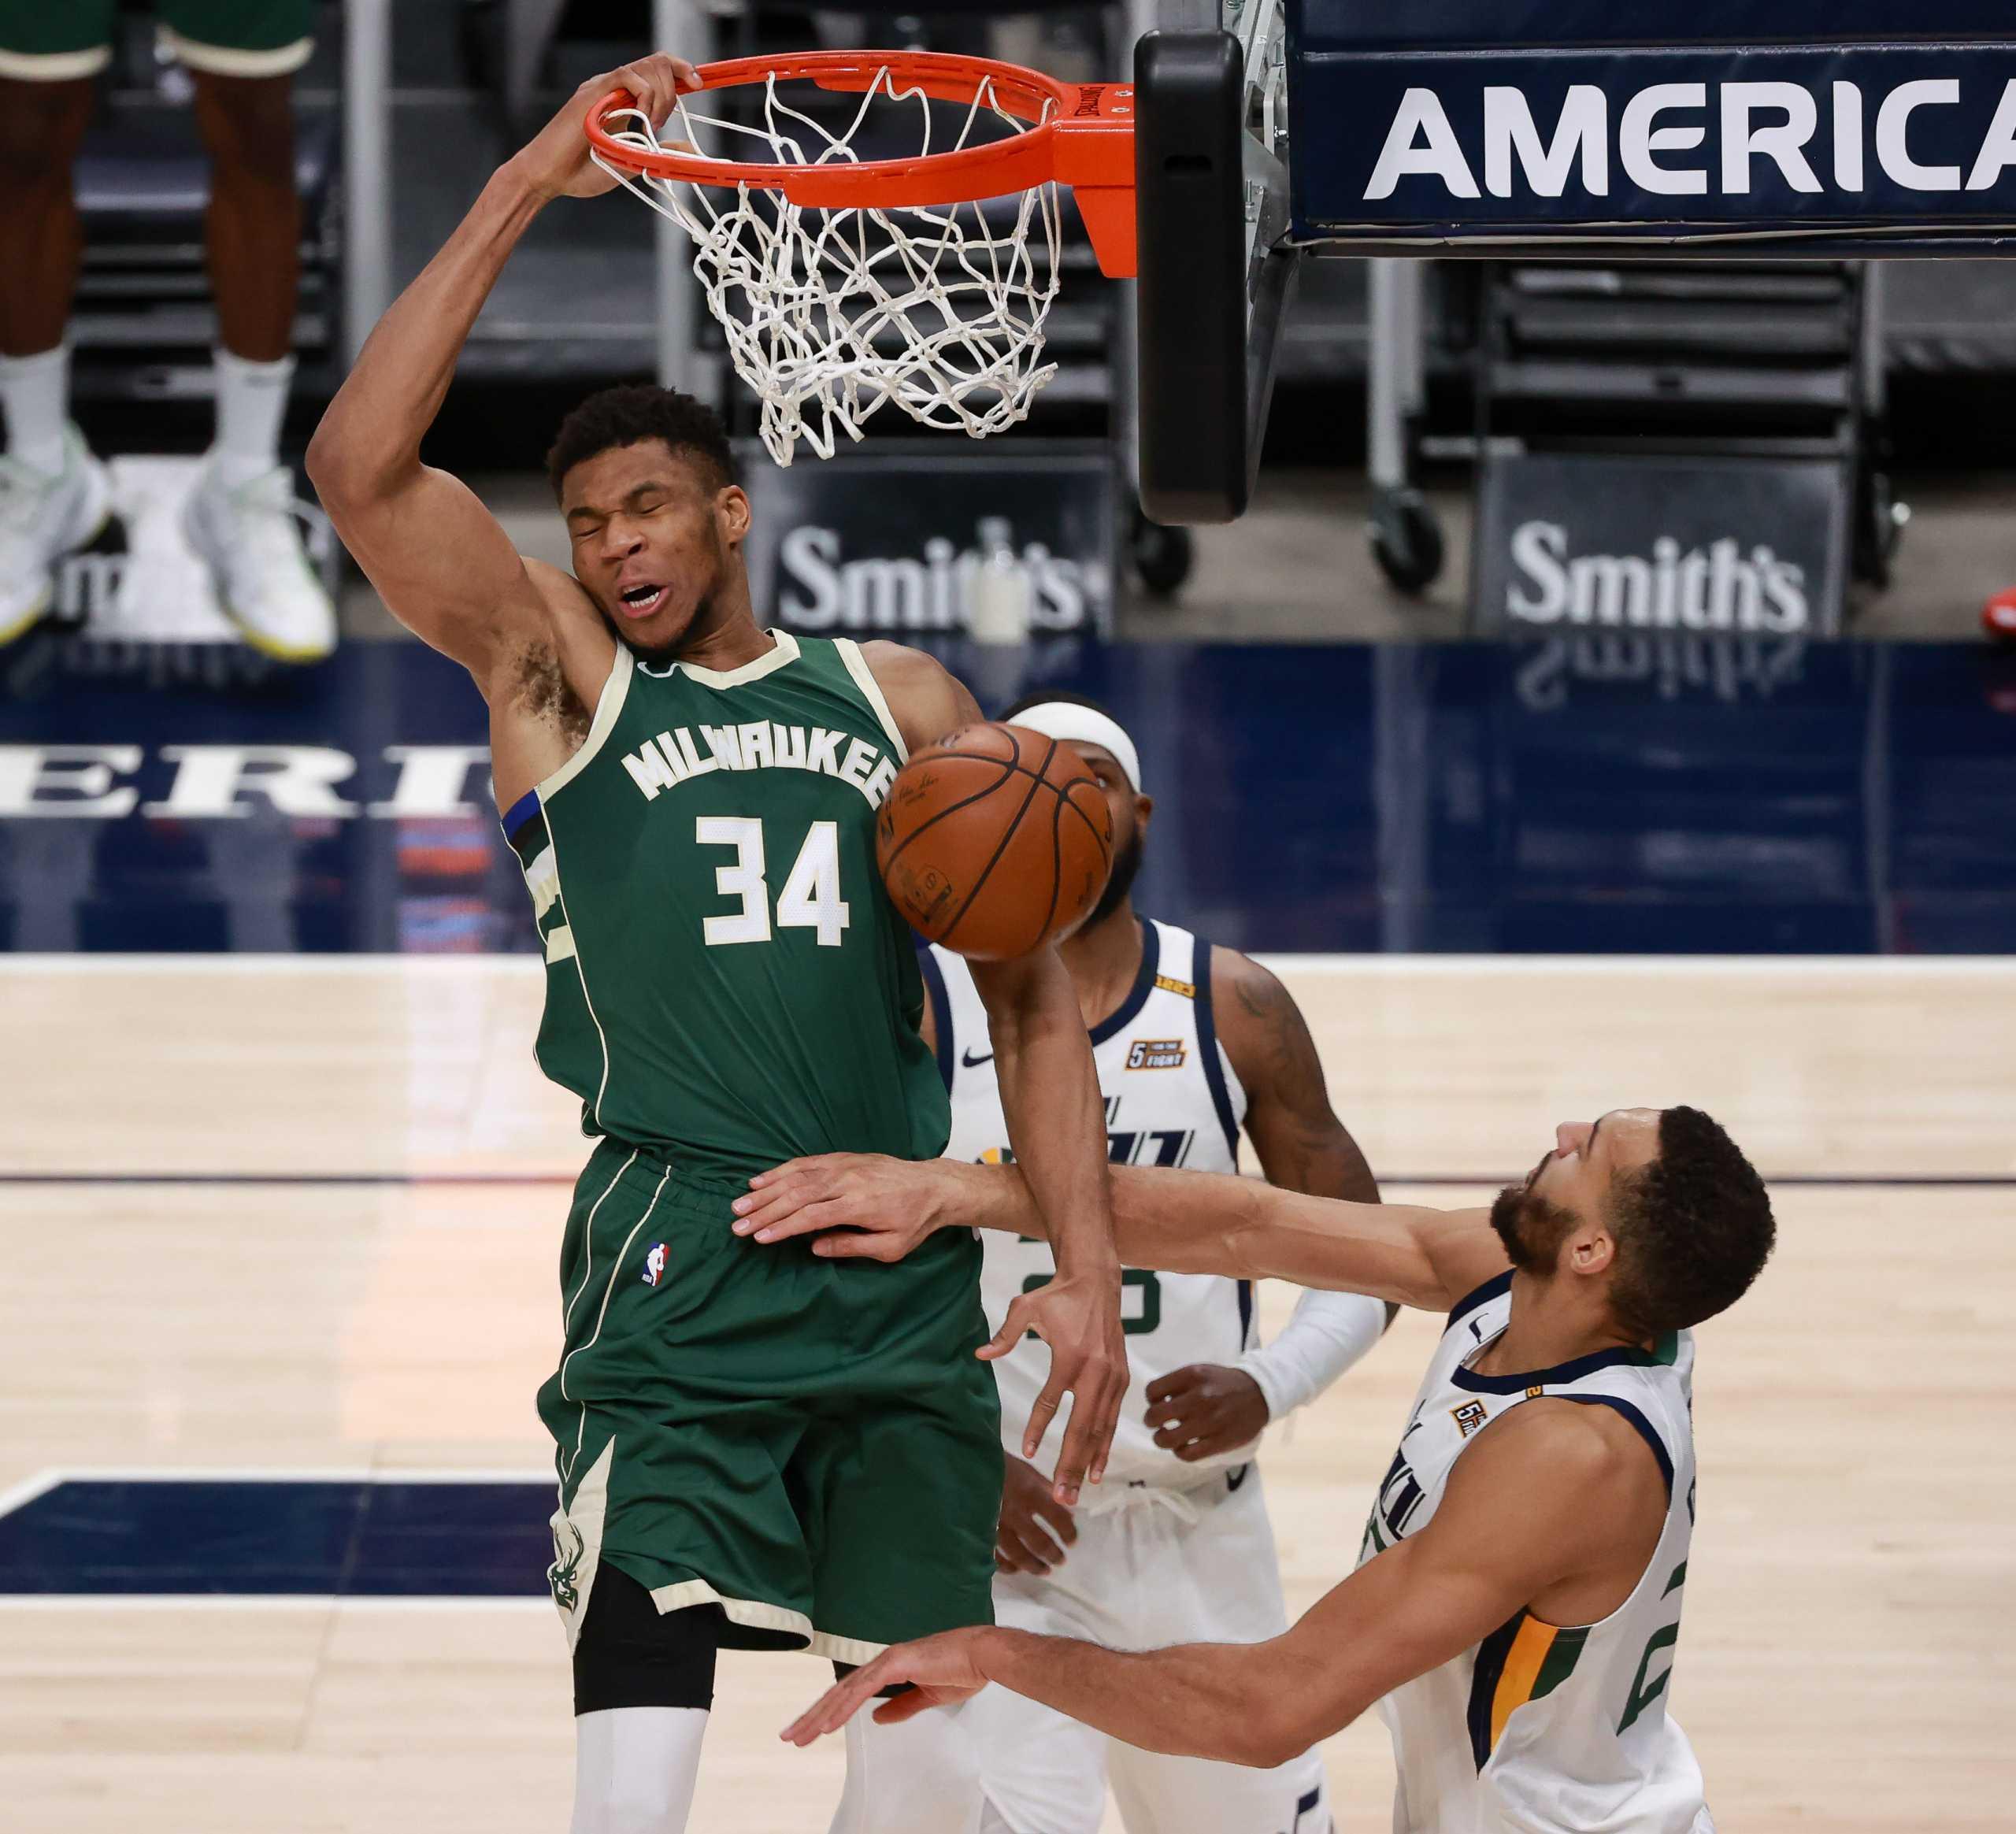 Νέα ήττα για τους Μπακς παρά τον «τριπλό» Αντετοκούνμπο – Τα αποτελέσματα στο NBA (videos)